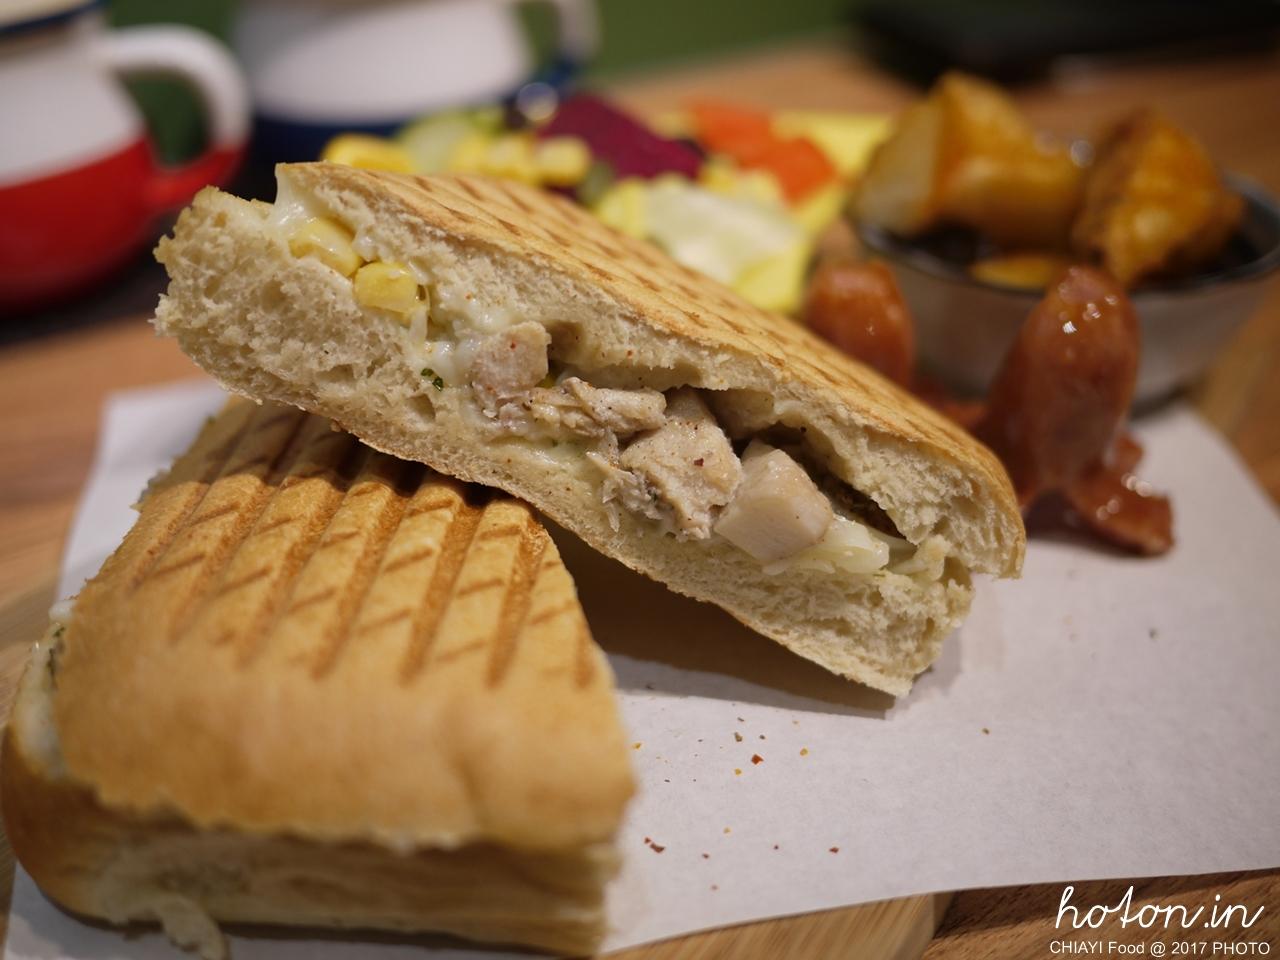 【嘉義食記】土佐 to DRAW 早午餐.食材新鮮有堅持的特色早午餐